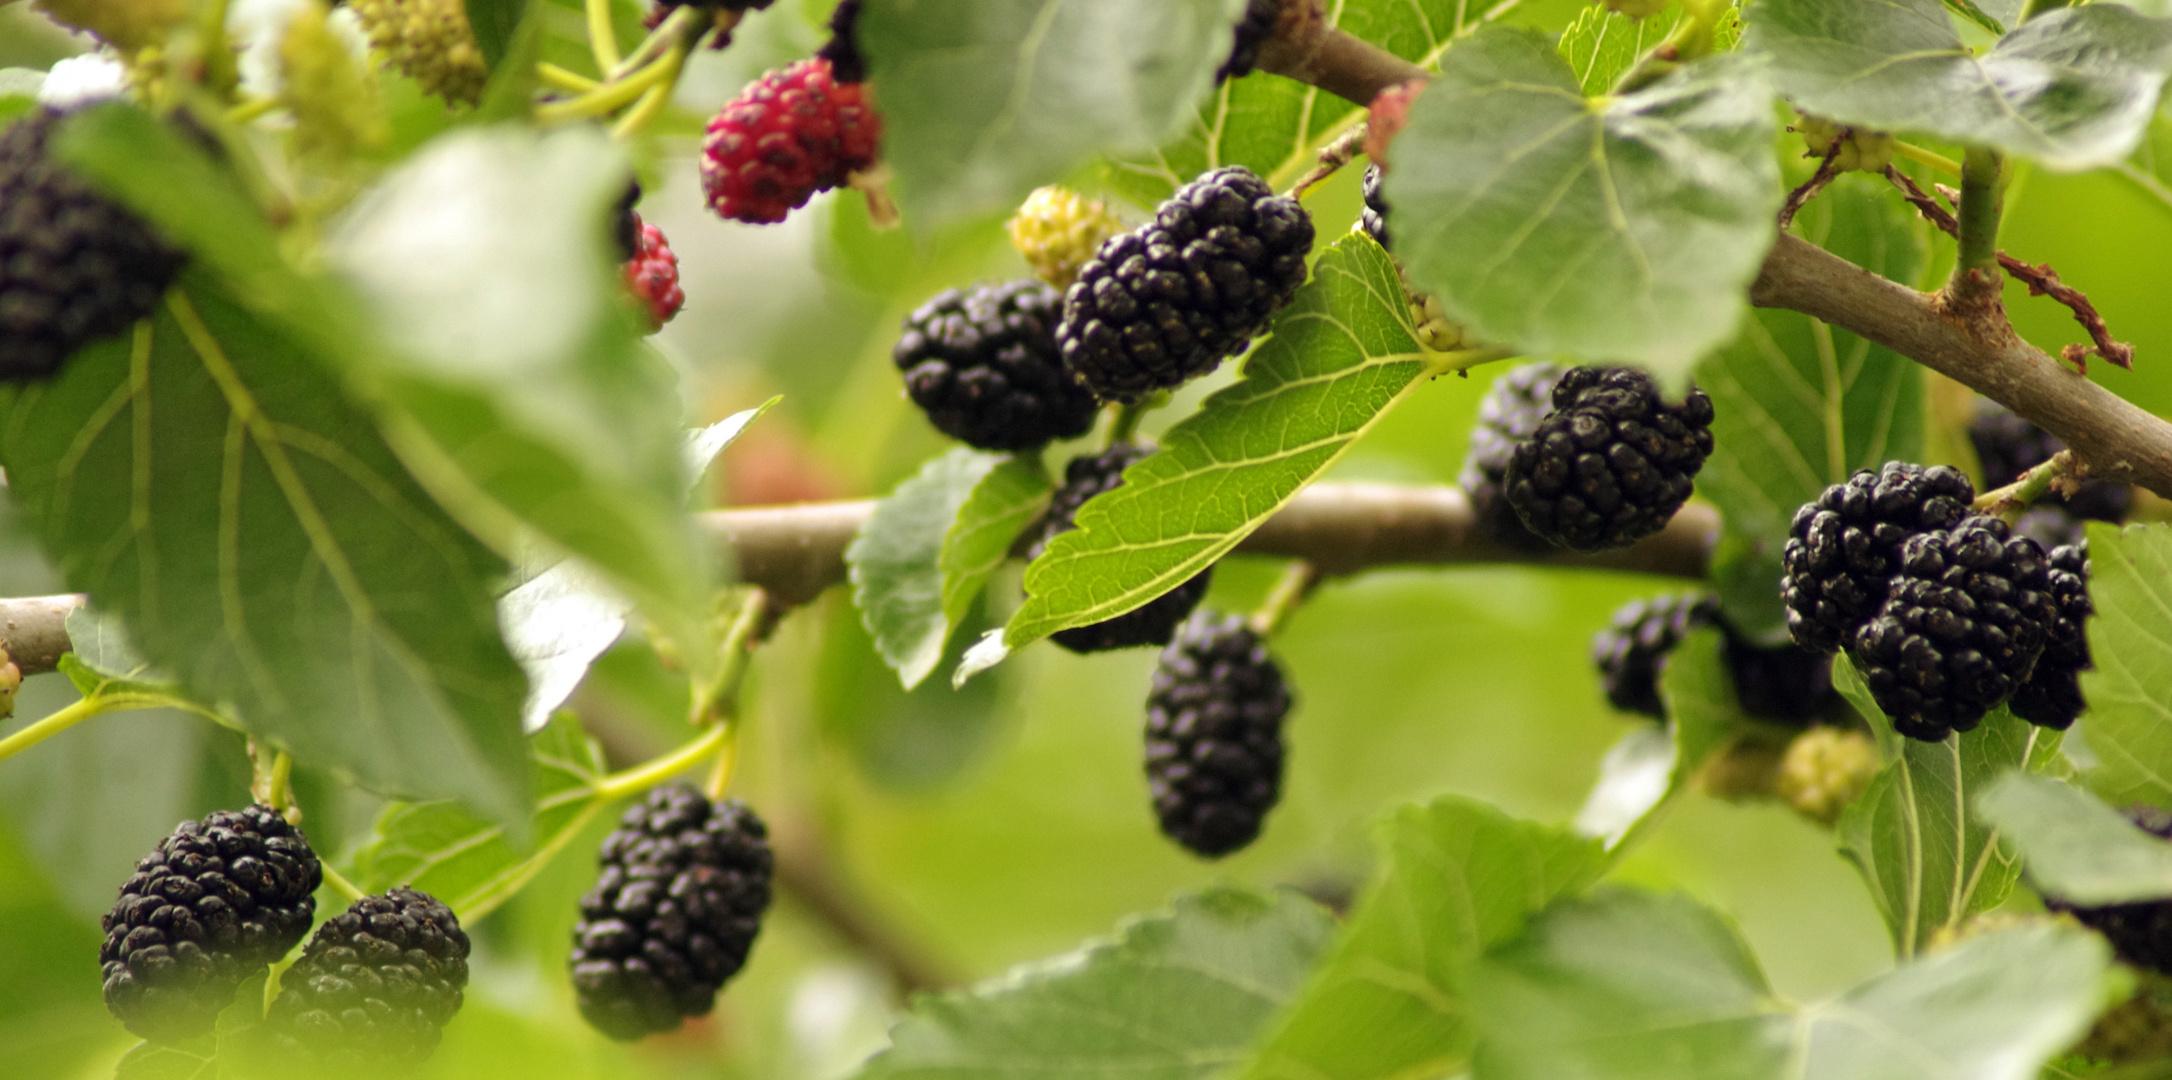 M res du m rier platane photo et image les fruits - Fruit du murier platane ...